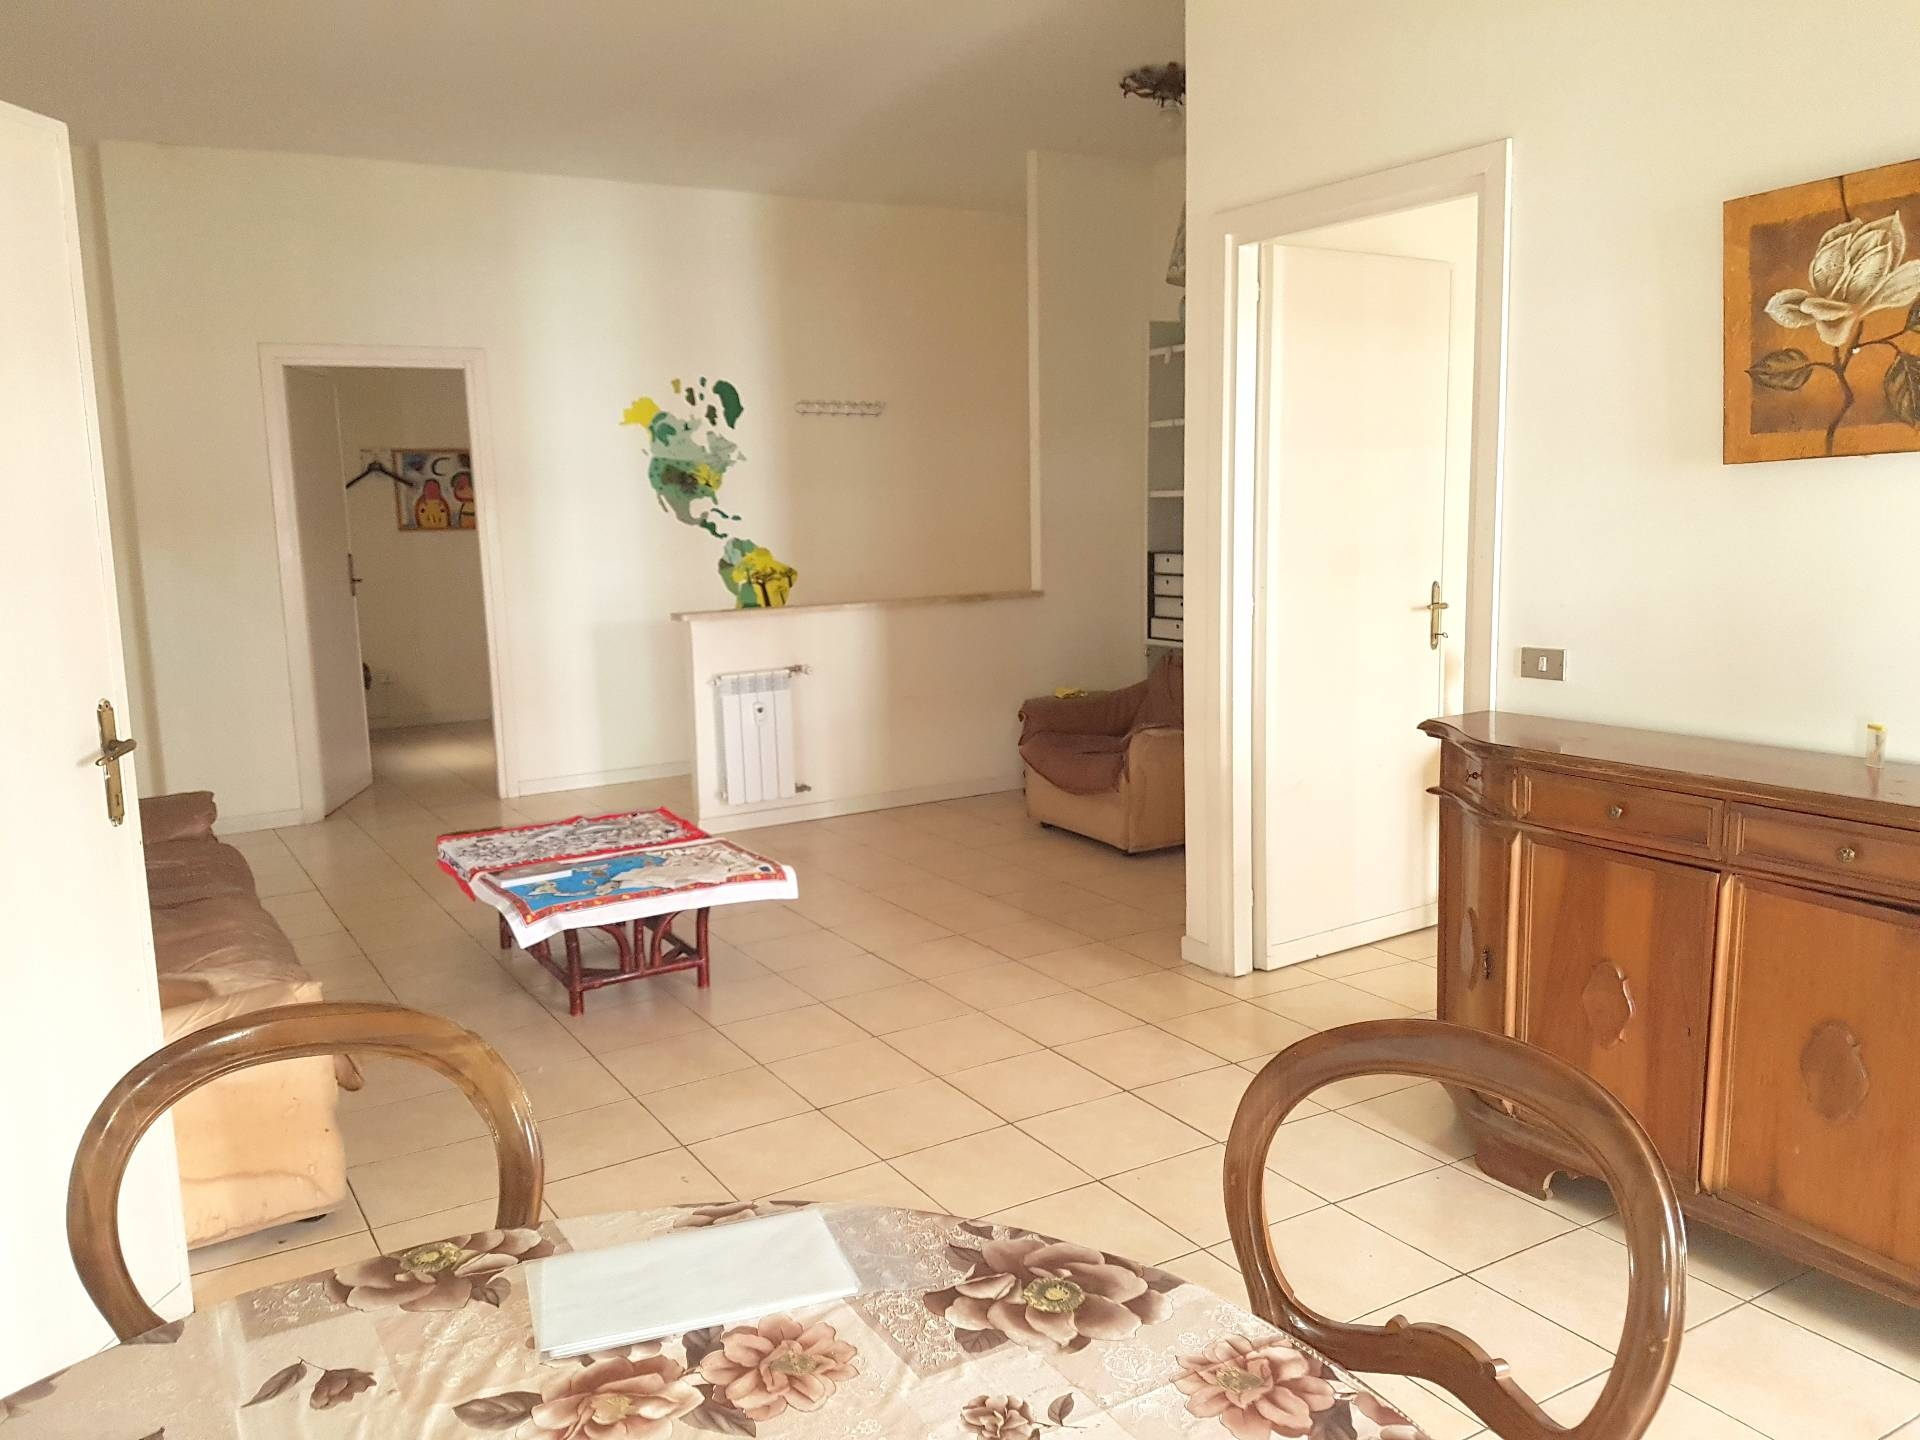 Cbi053 308 anzani loc appartamento in affitto a roma for Affitto uffici roma trastevere